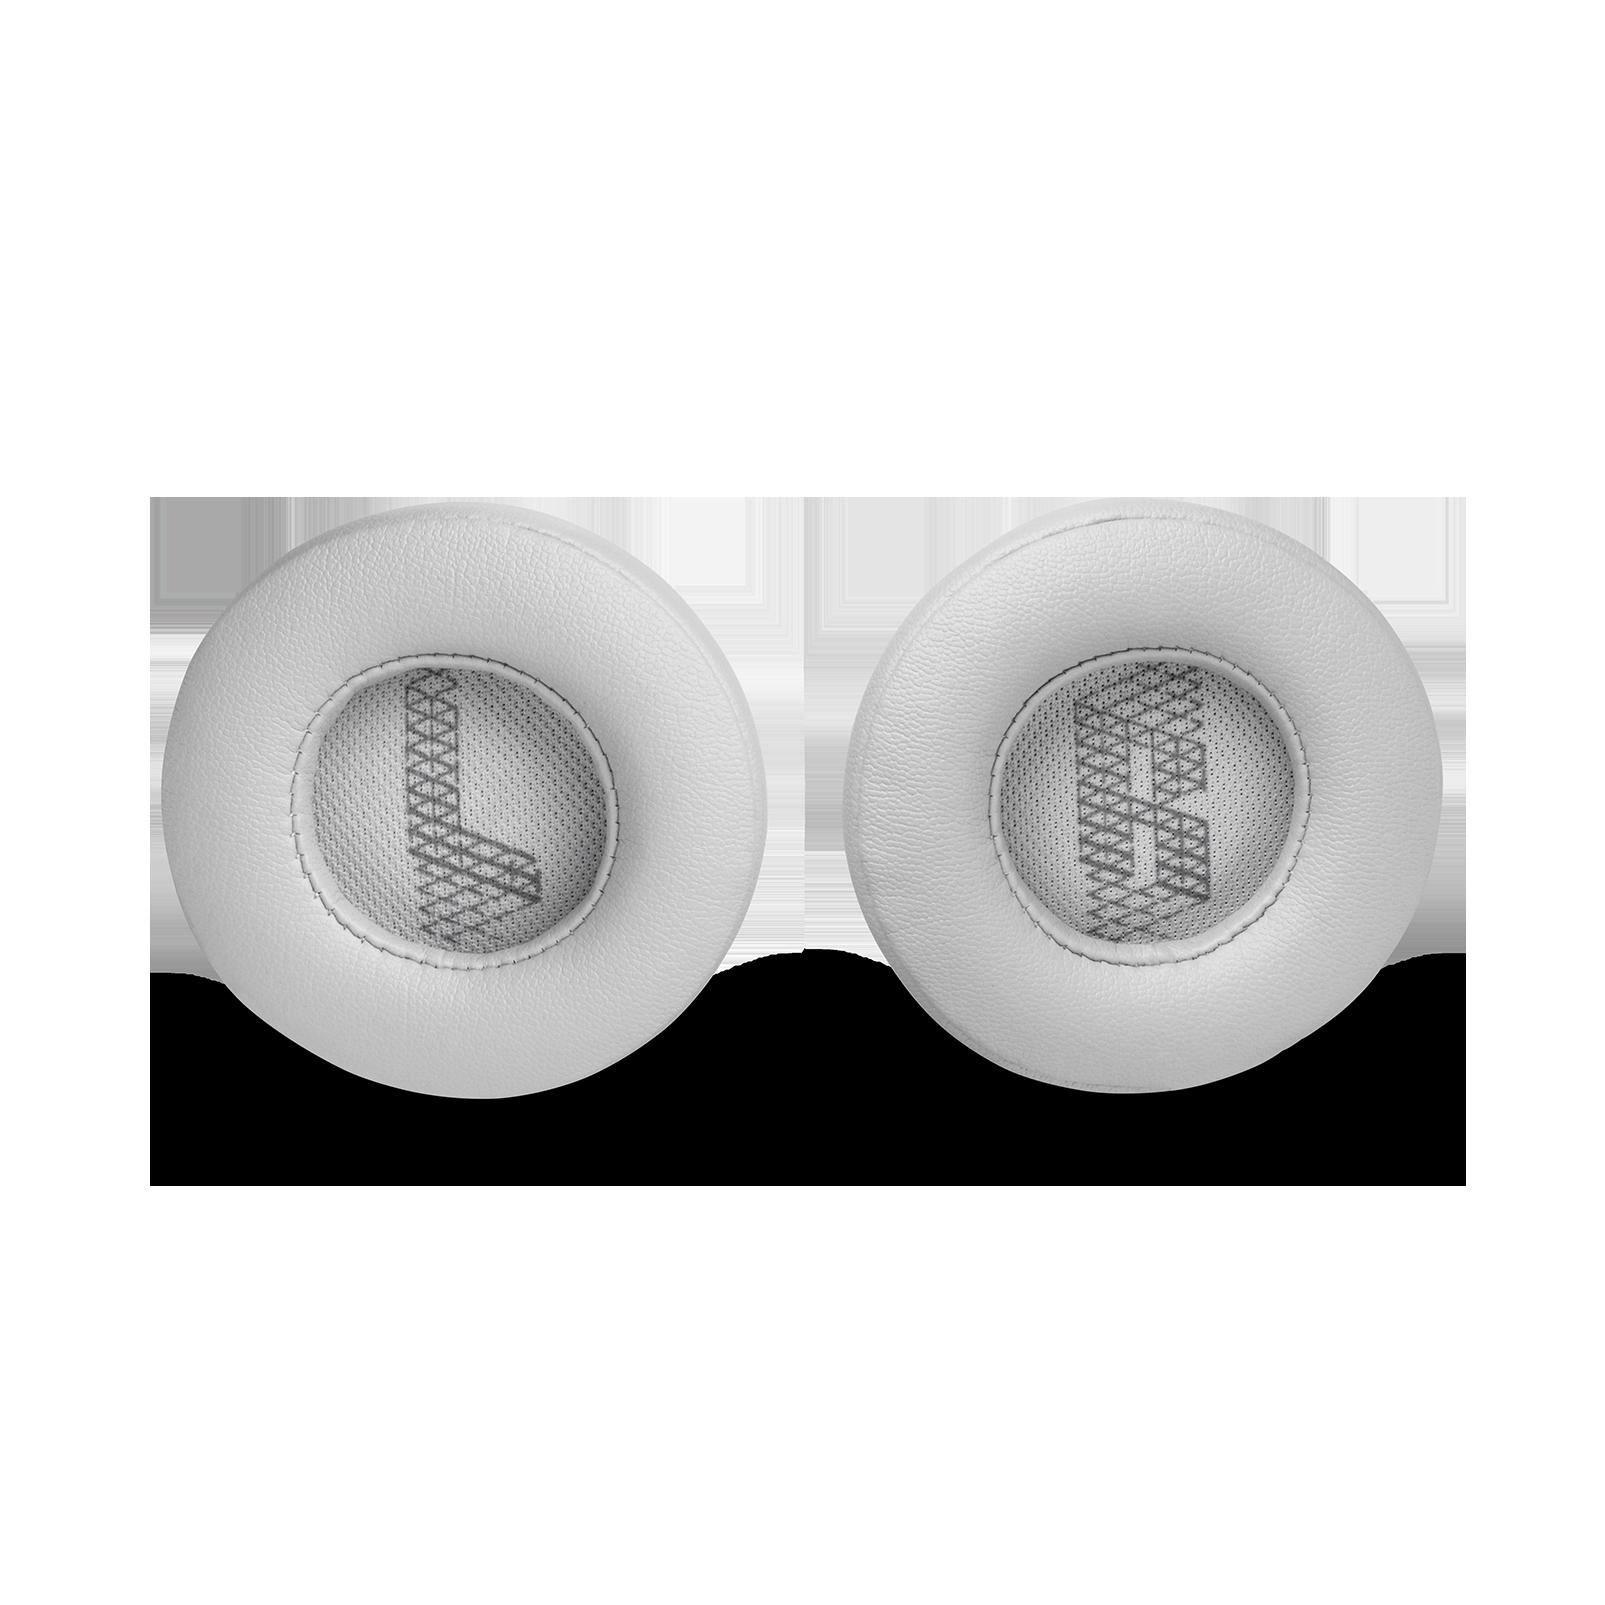 JBL LIVE 400BT - White - Your Sound, Unplugged - Detailshot 15